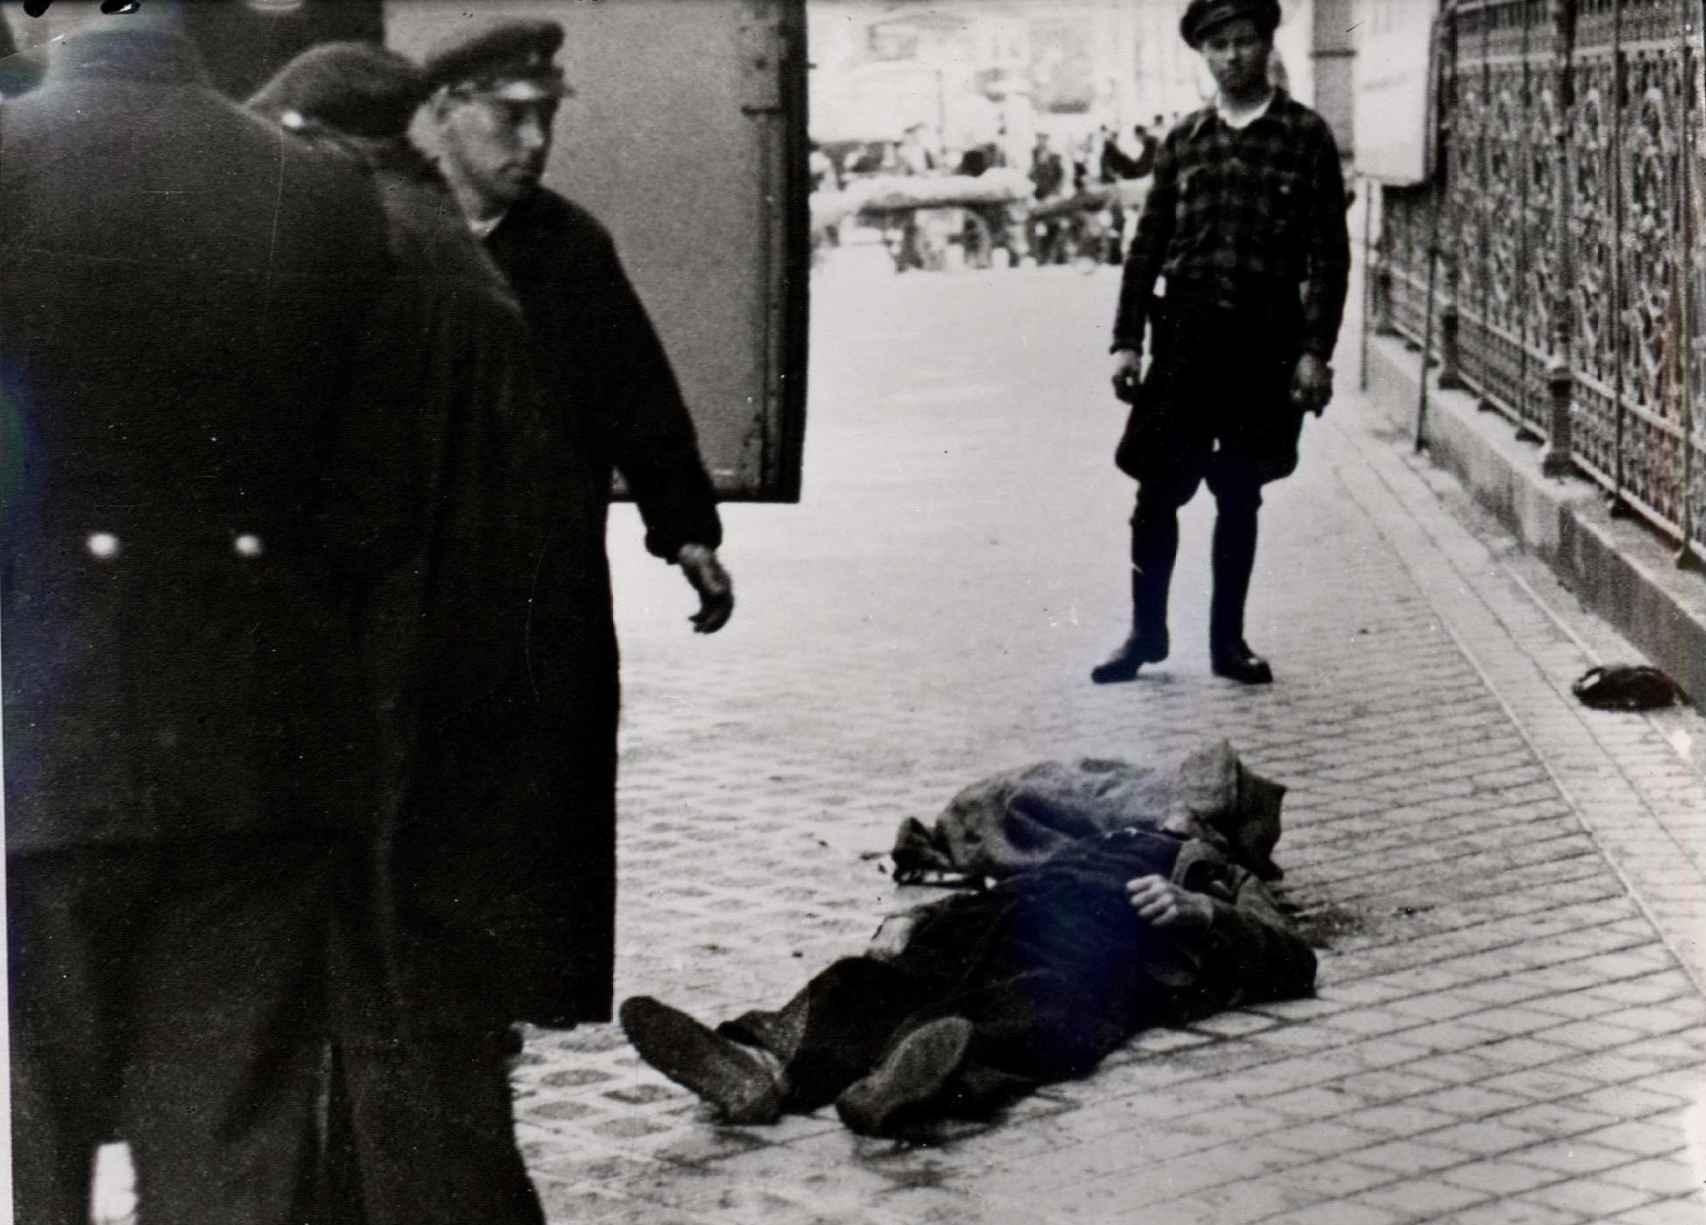 Una persona muerta durante un bombardeo franquista yace delante de la verja del Banco de España.